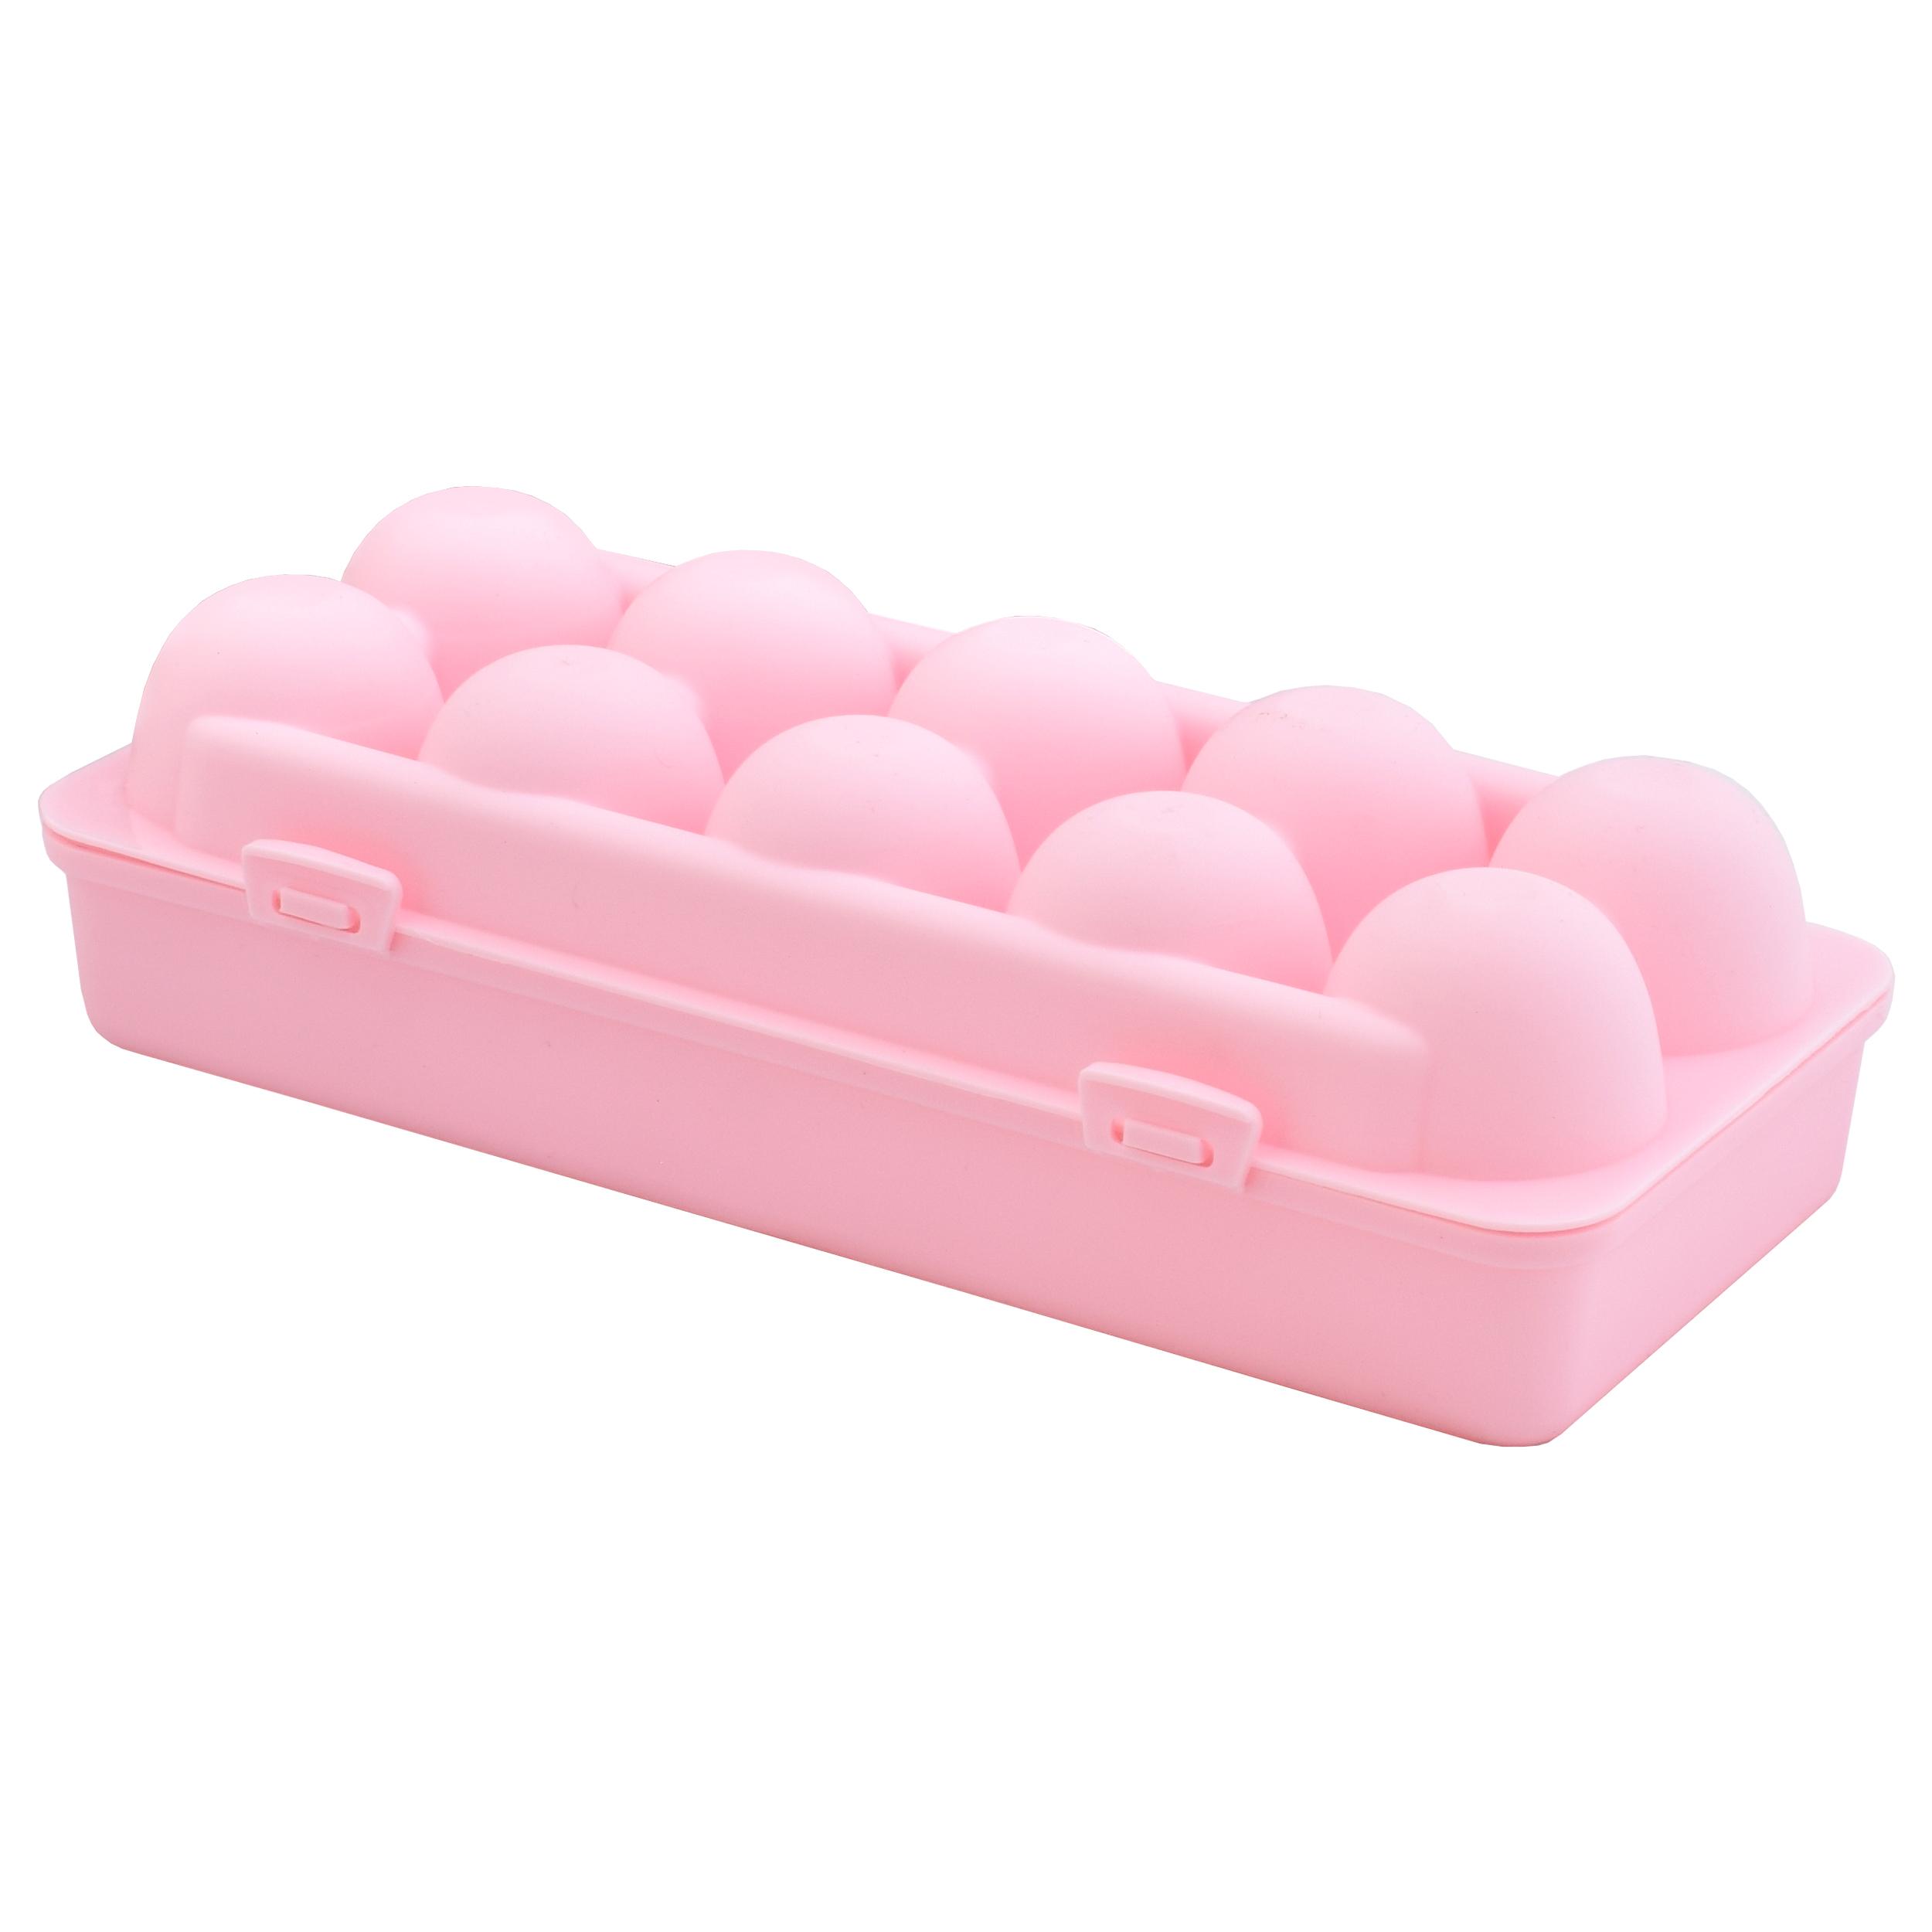 جا تخم مرغی کد 3311